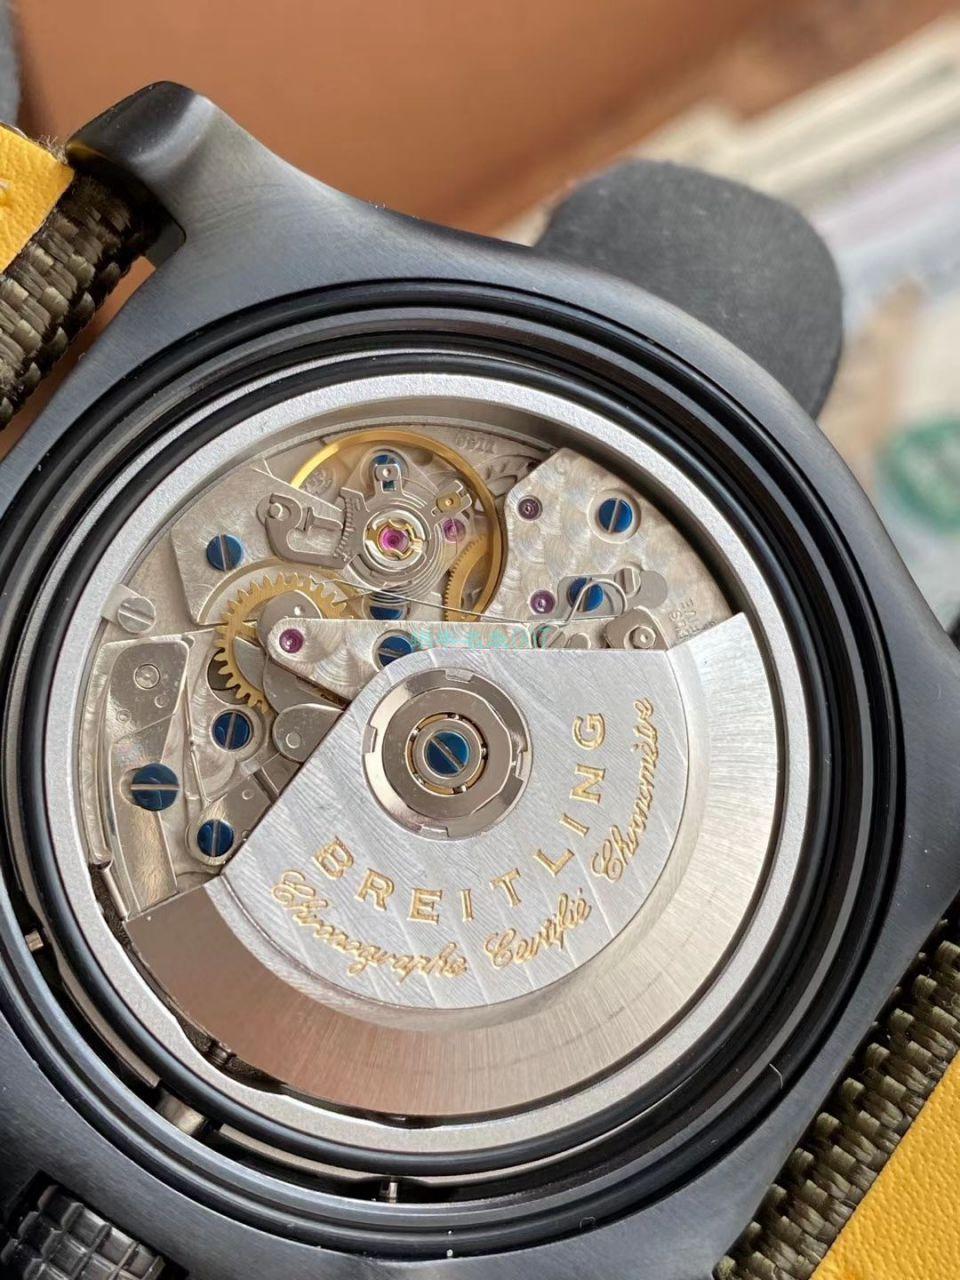 独家视频评测渠道原单百年灵复仇者系列V13317101L1X1腕表 / BL181B